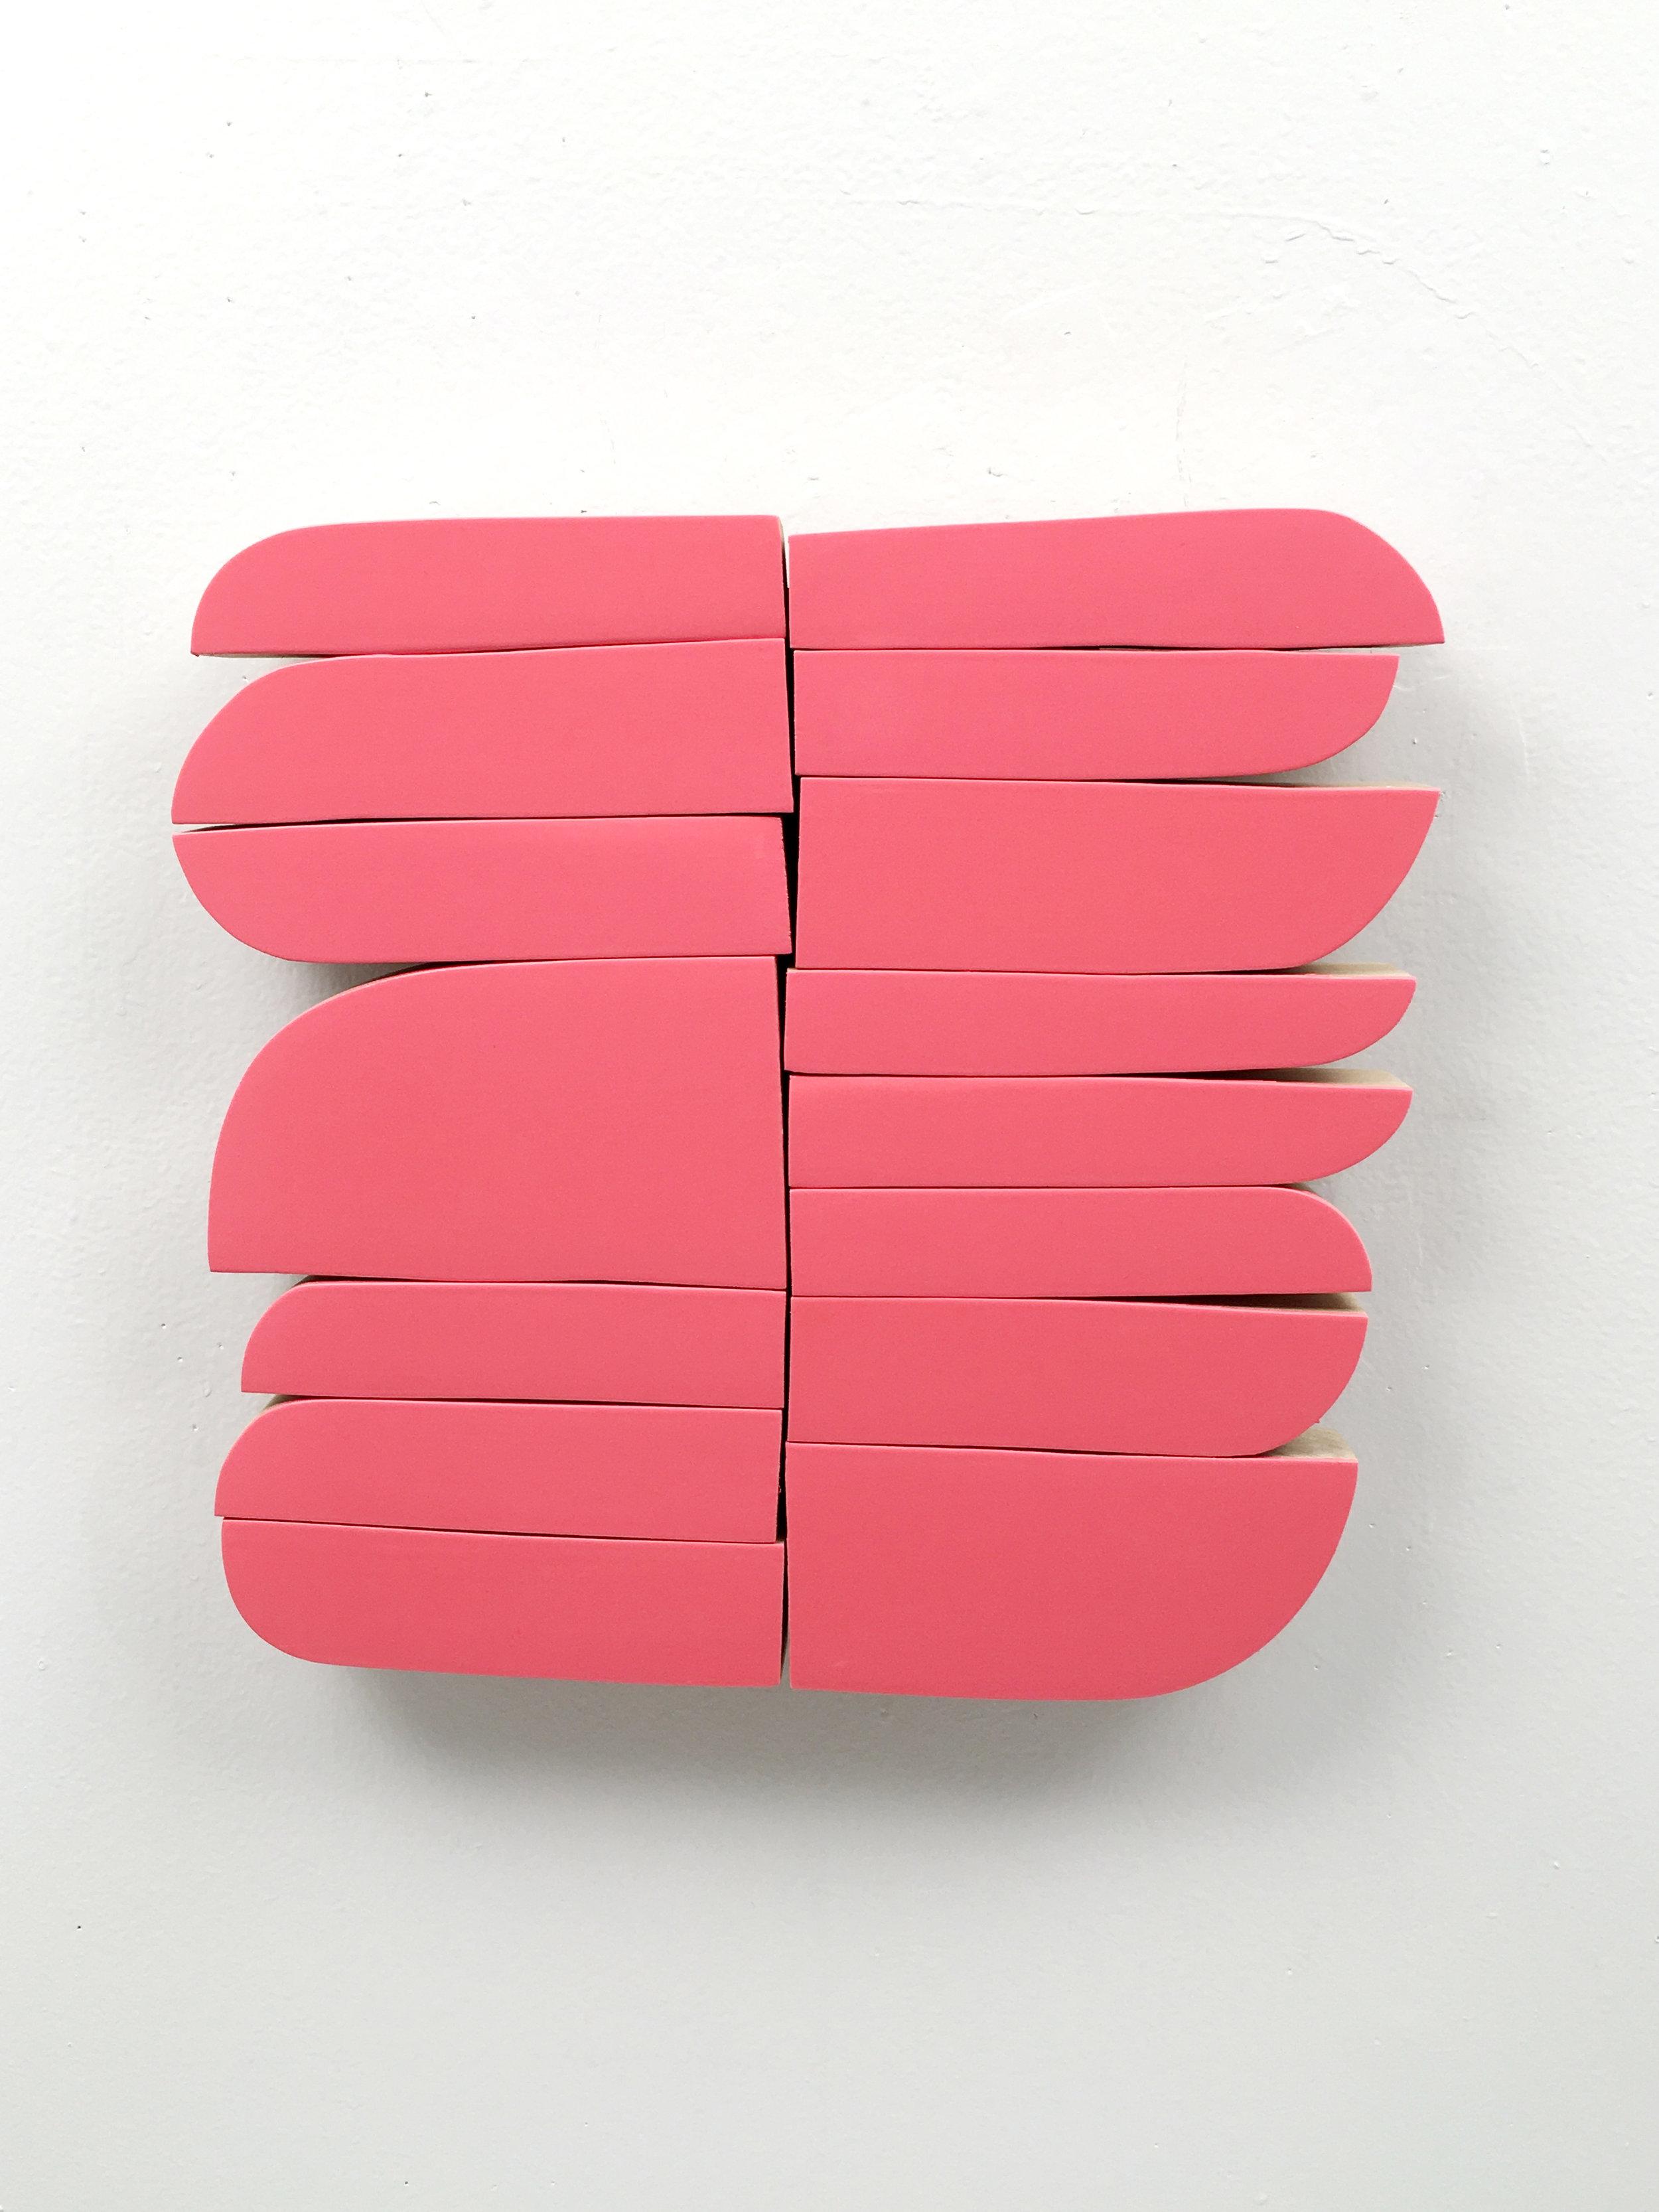 zimmerman2017_pinkLemonade.jpg